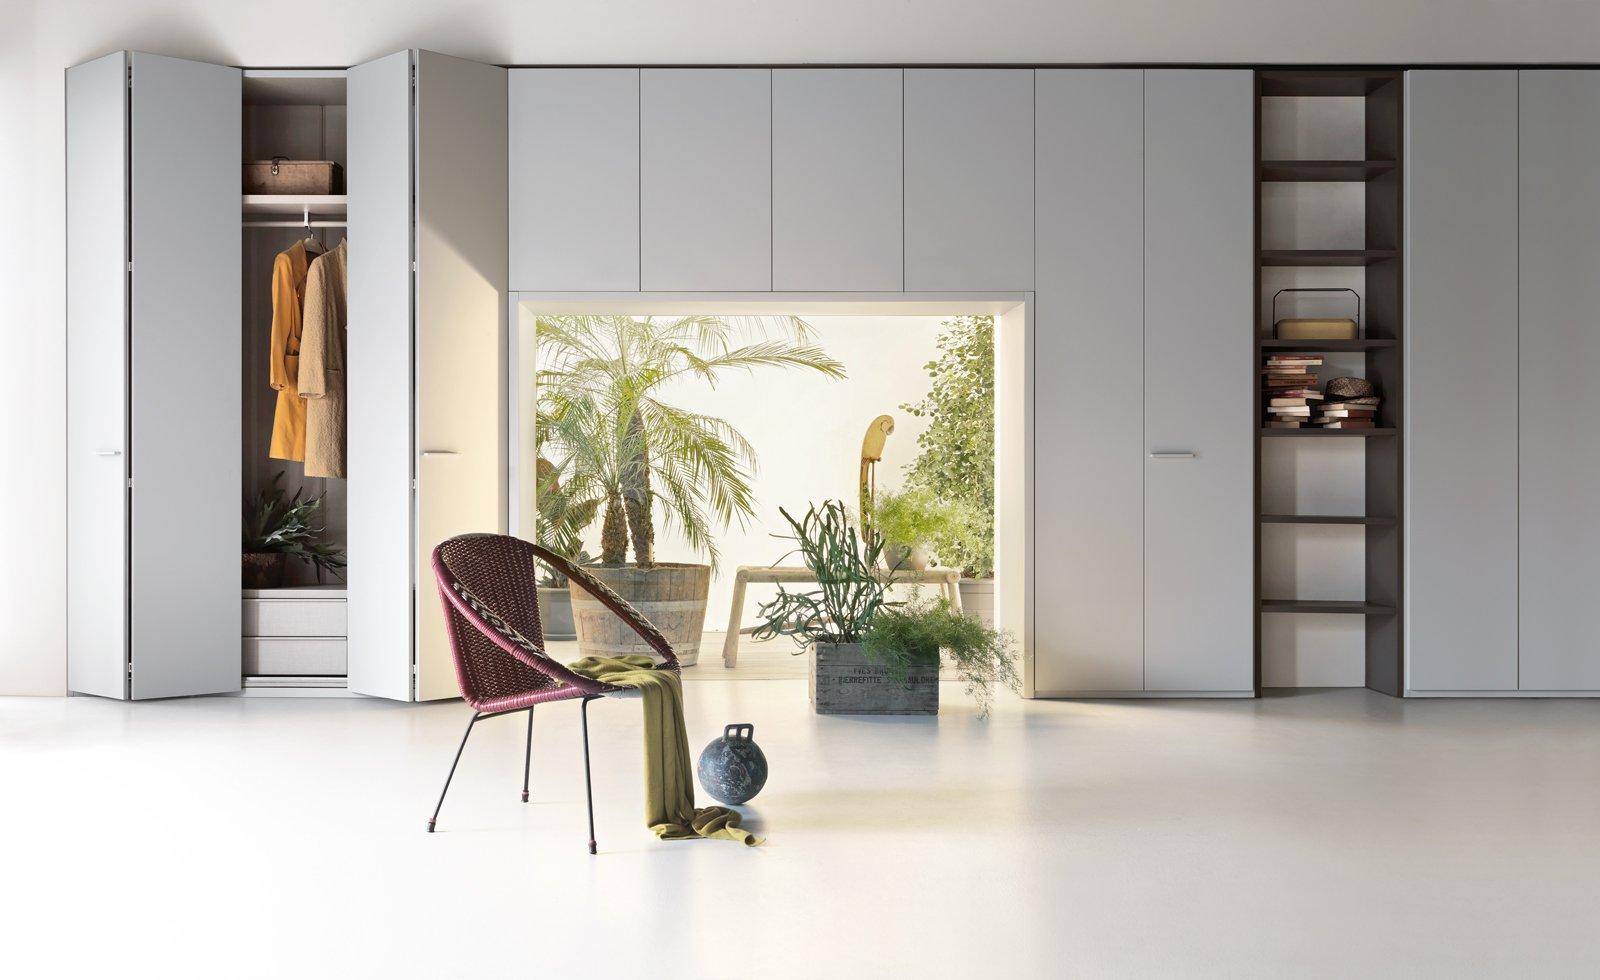 armadio al centimetro: per sfruttare lo spazio con soluzioni ... - Costruito Nel Design Armadio